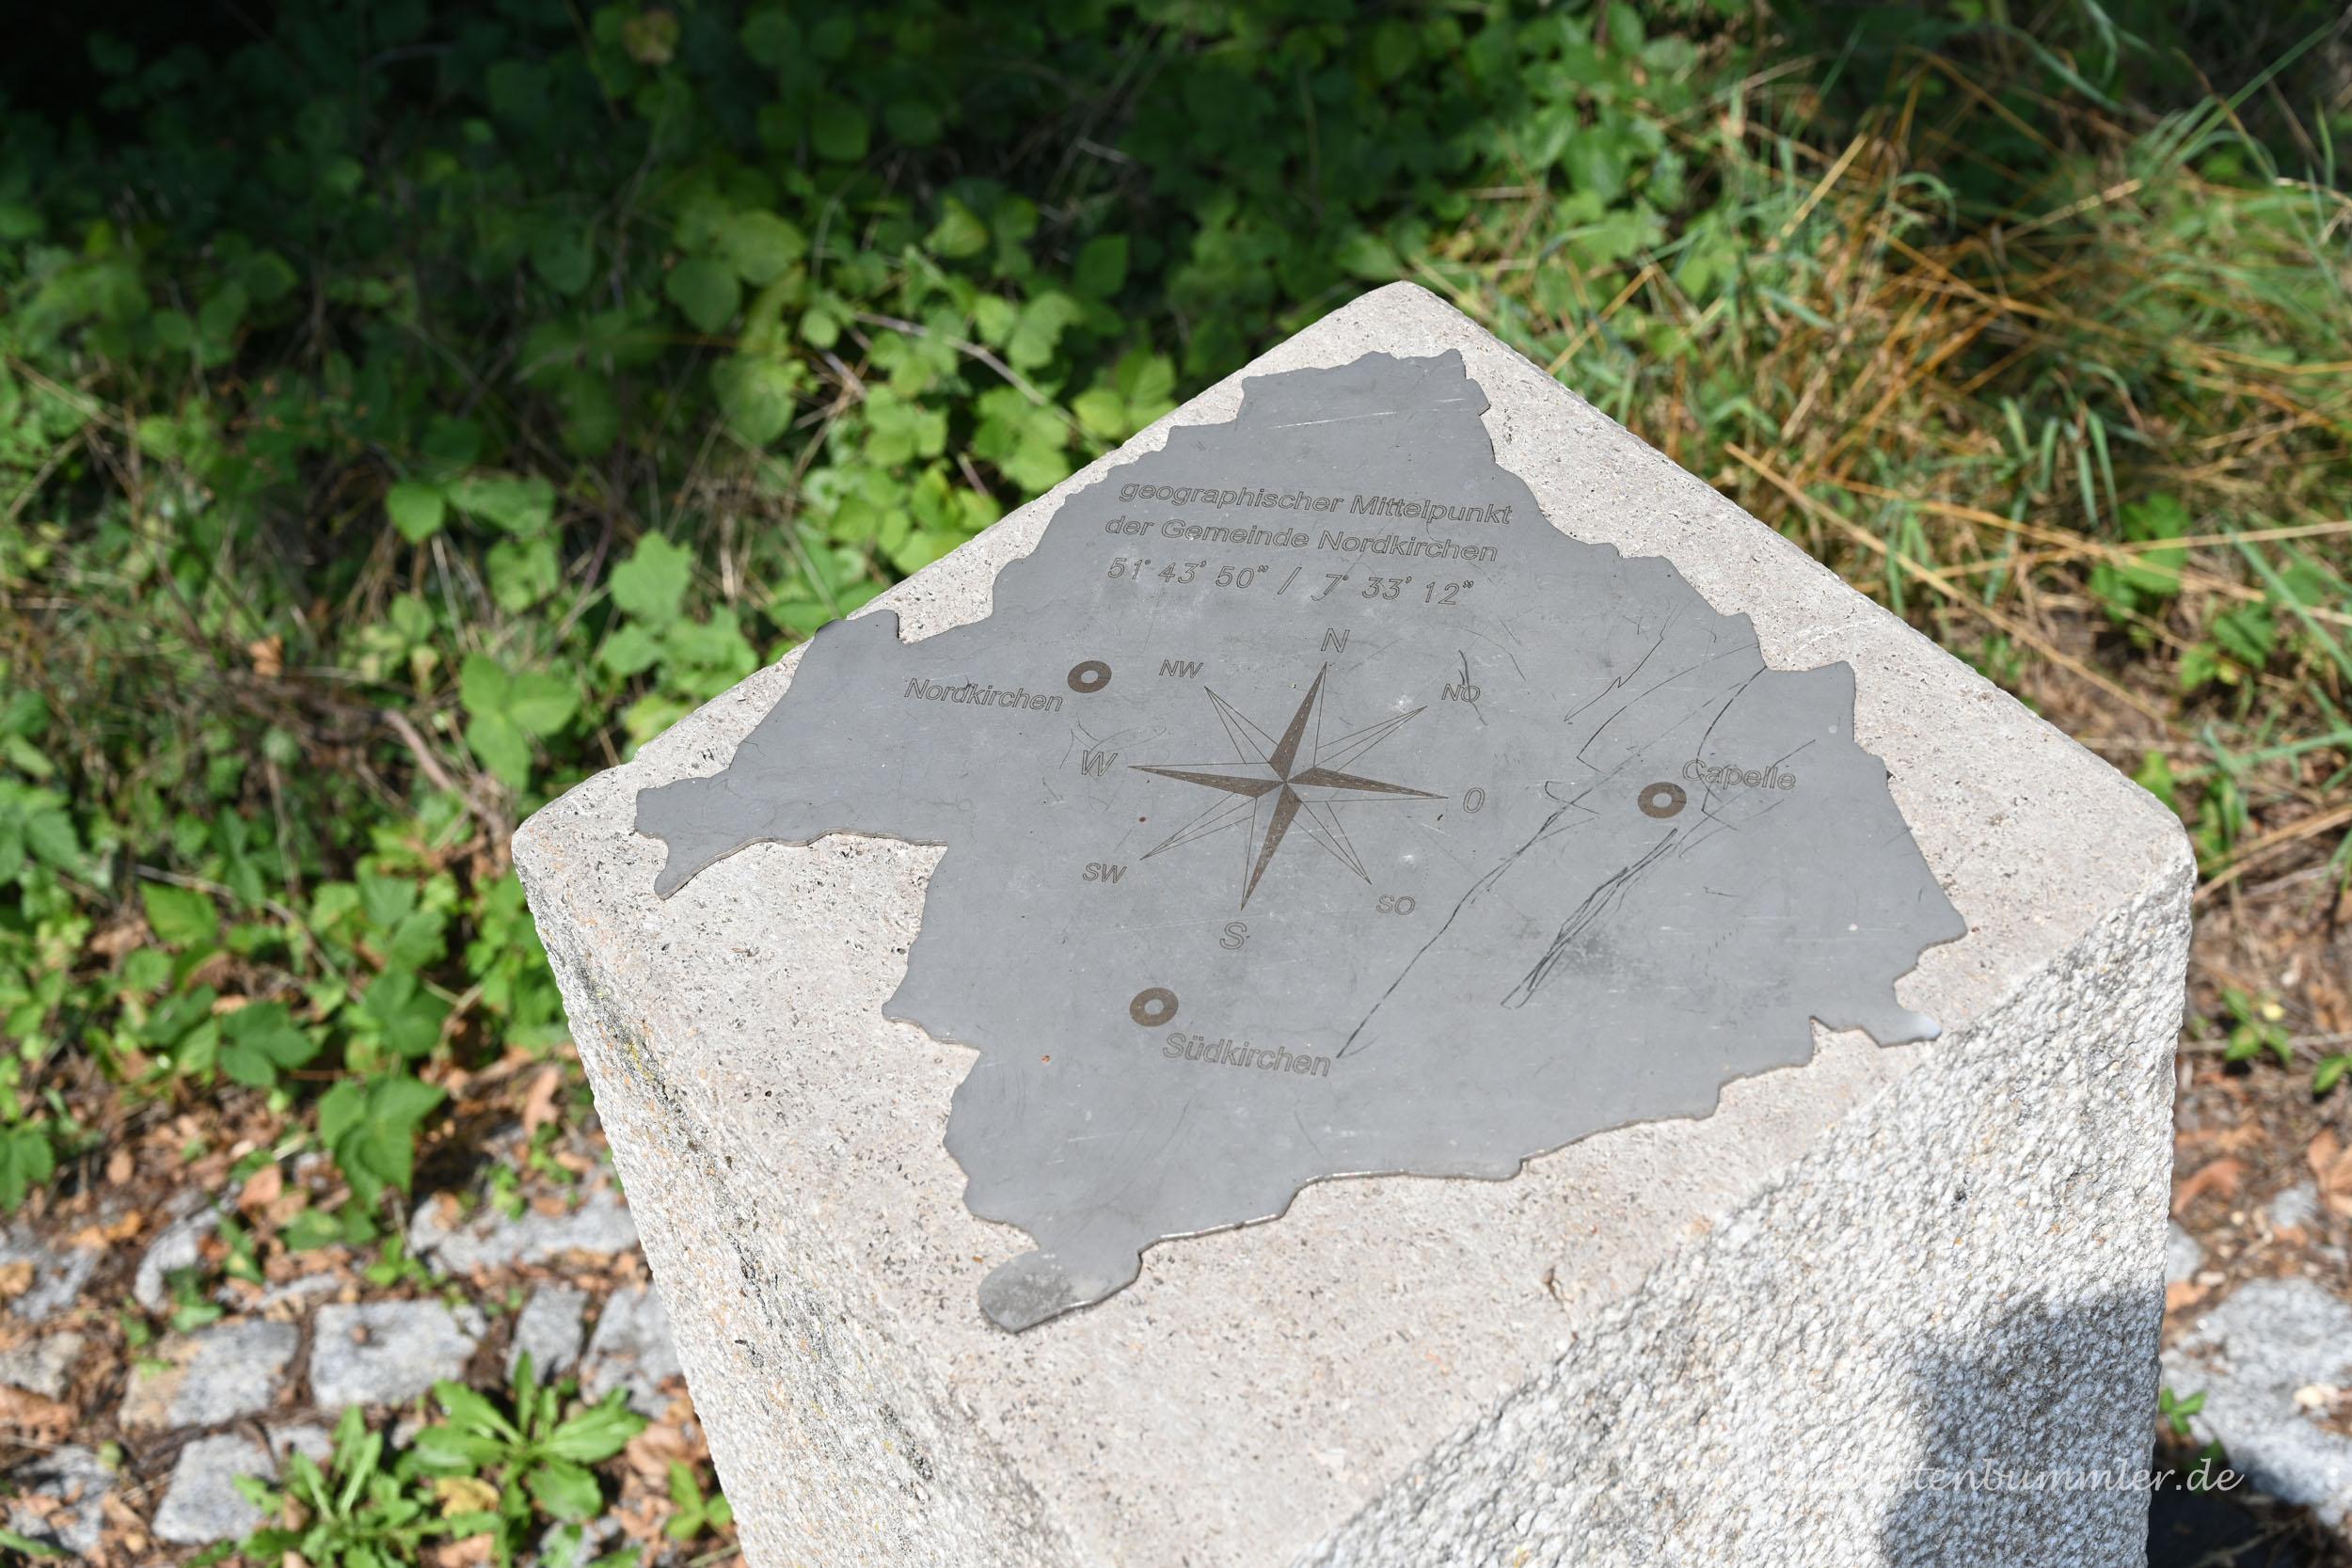 Geografischer Mittelpunkt von Nordkirchen